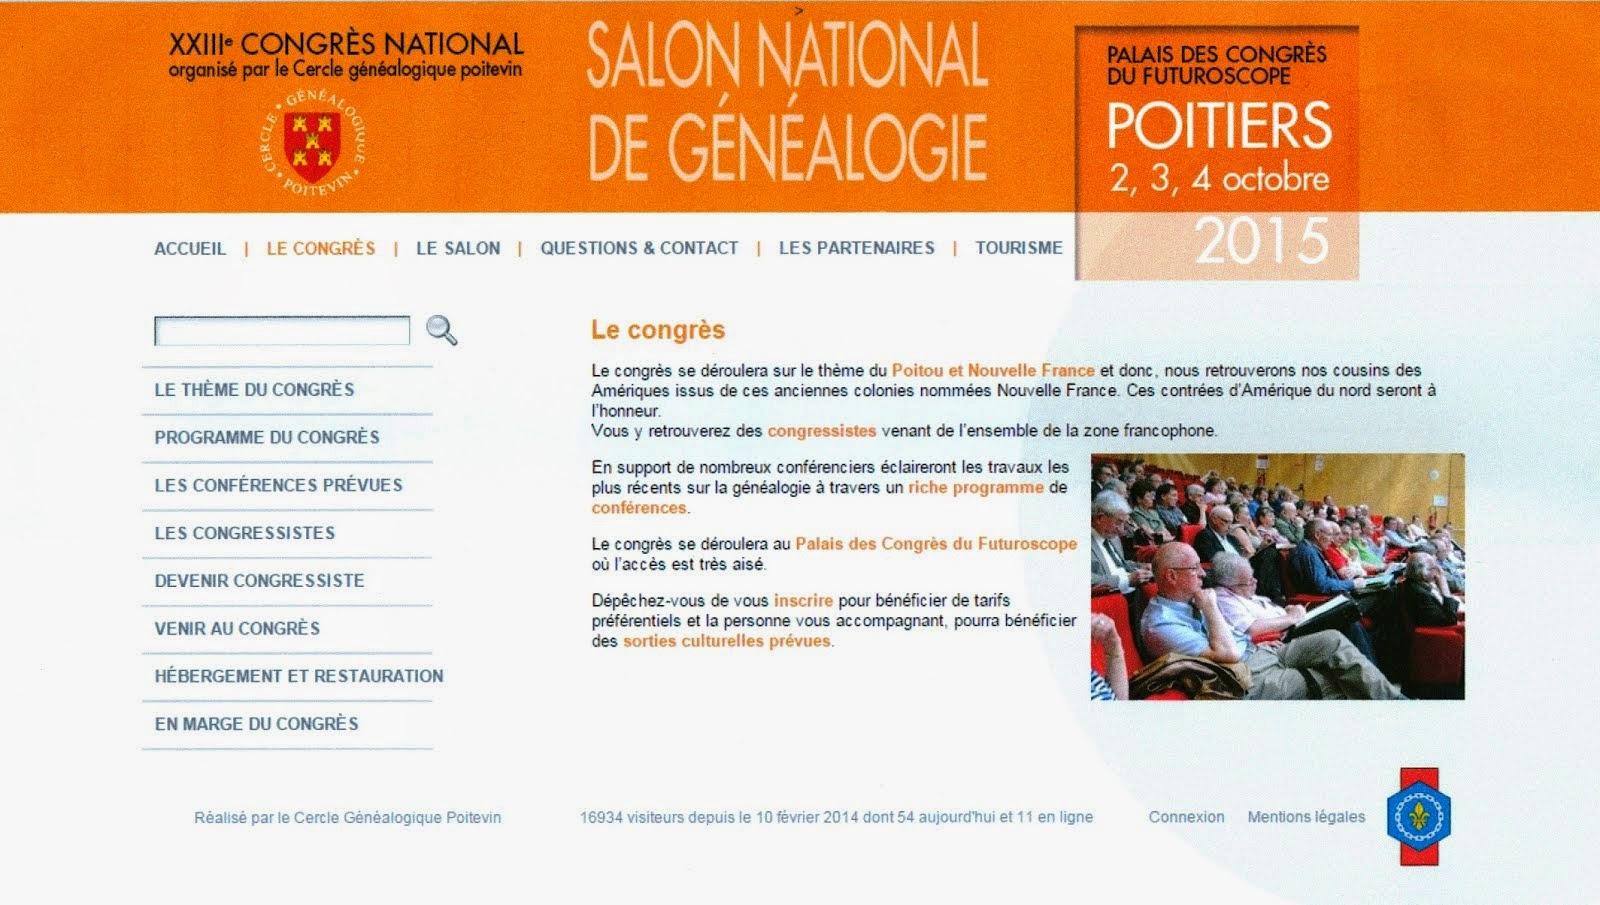 XXIIIe Congrés National de Généalogie de Poitiers